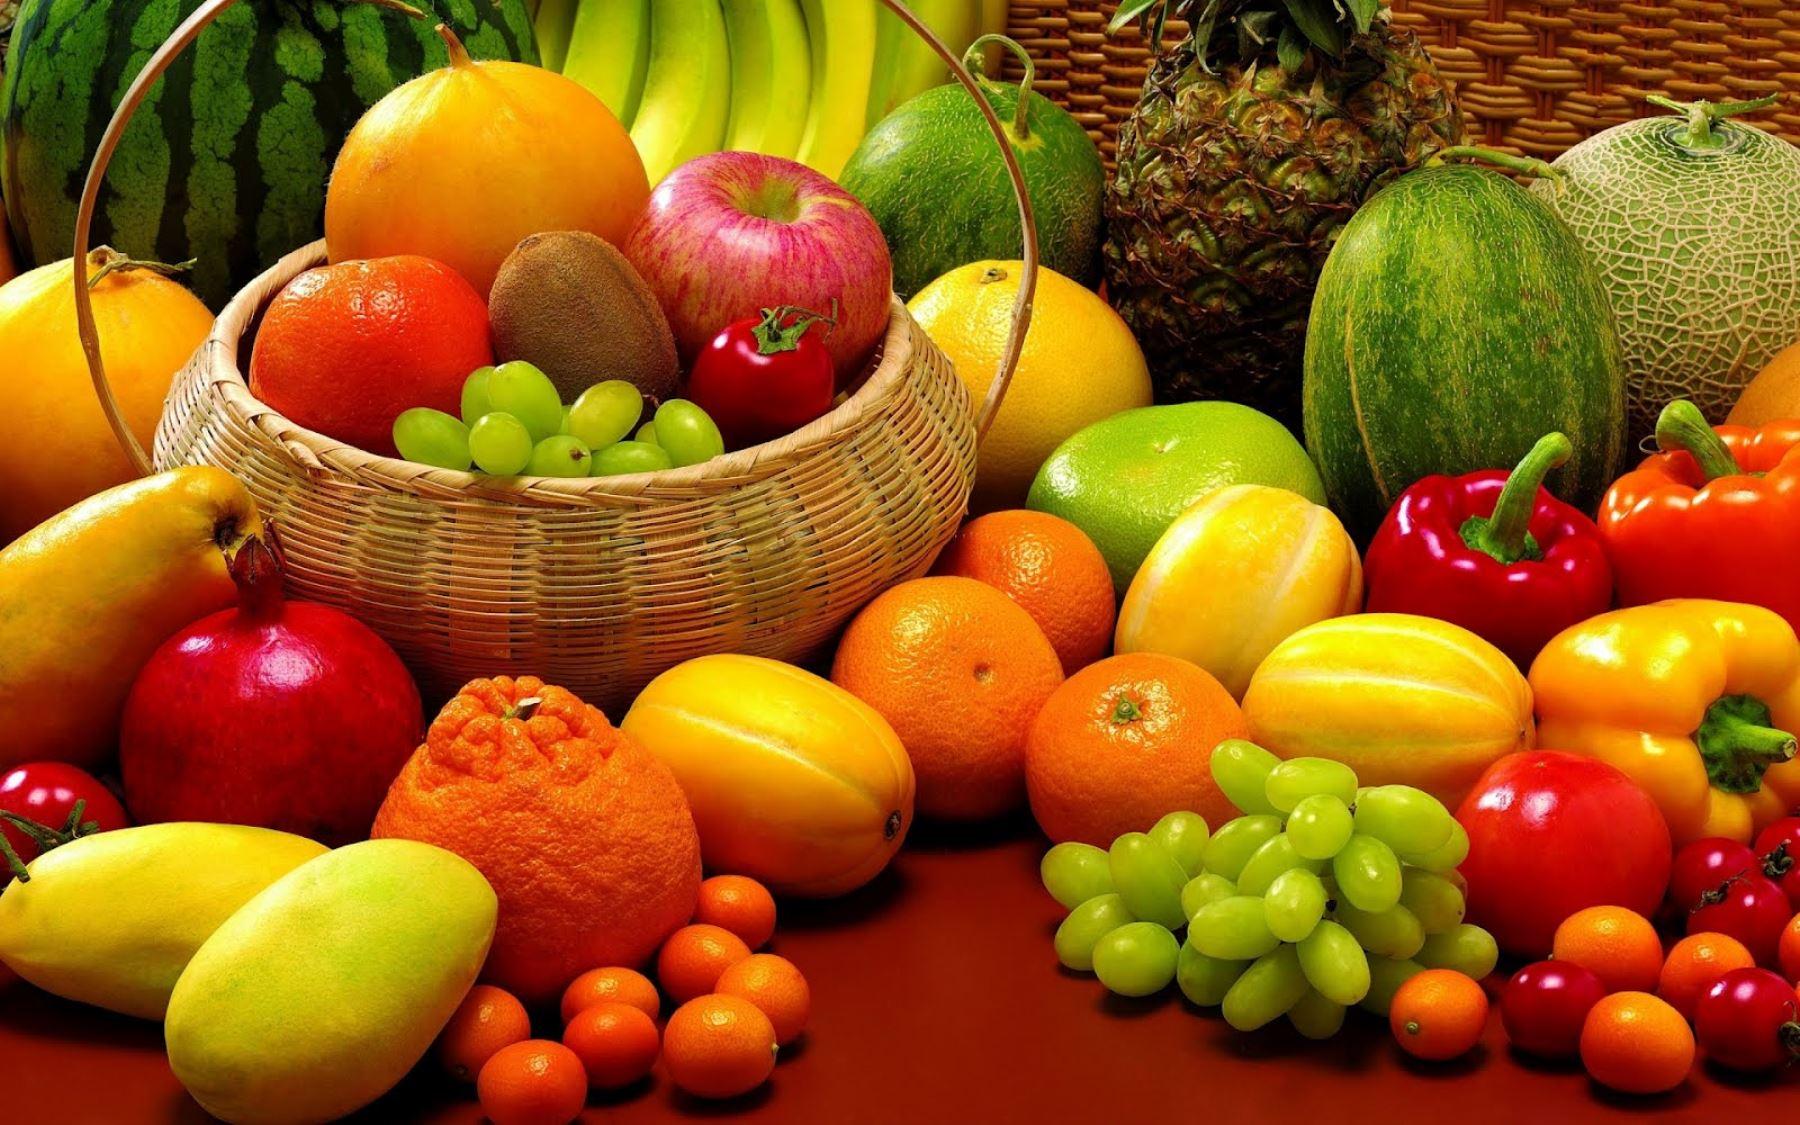 Salud y bienestar: frutas que fortalecen el sistema inmune en invierno